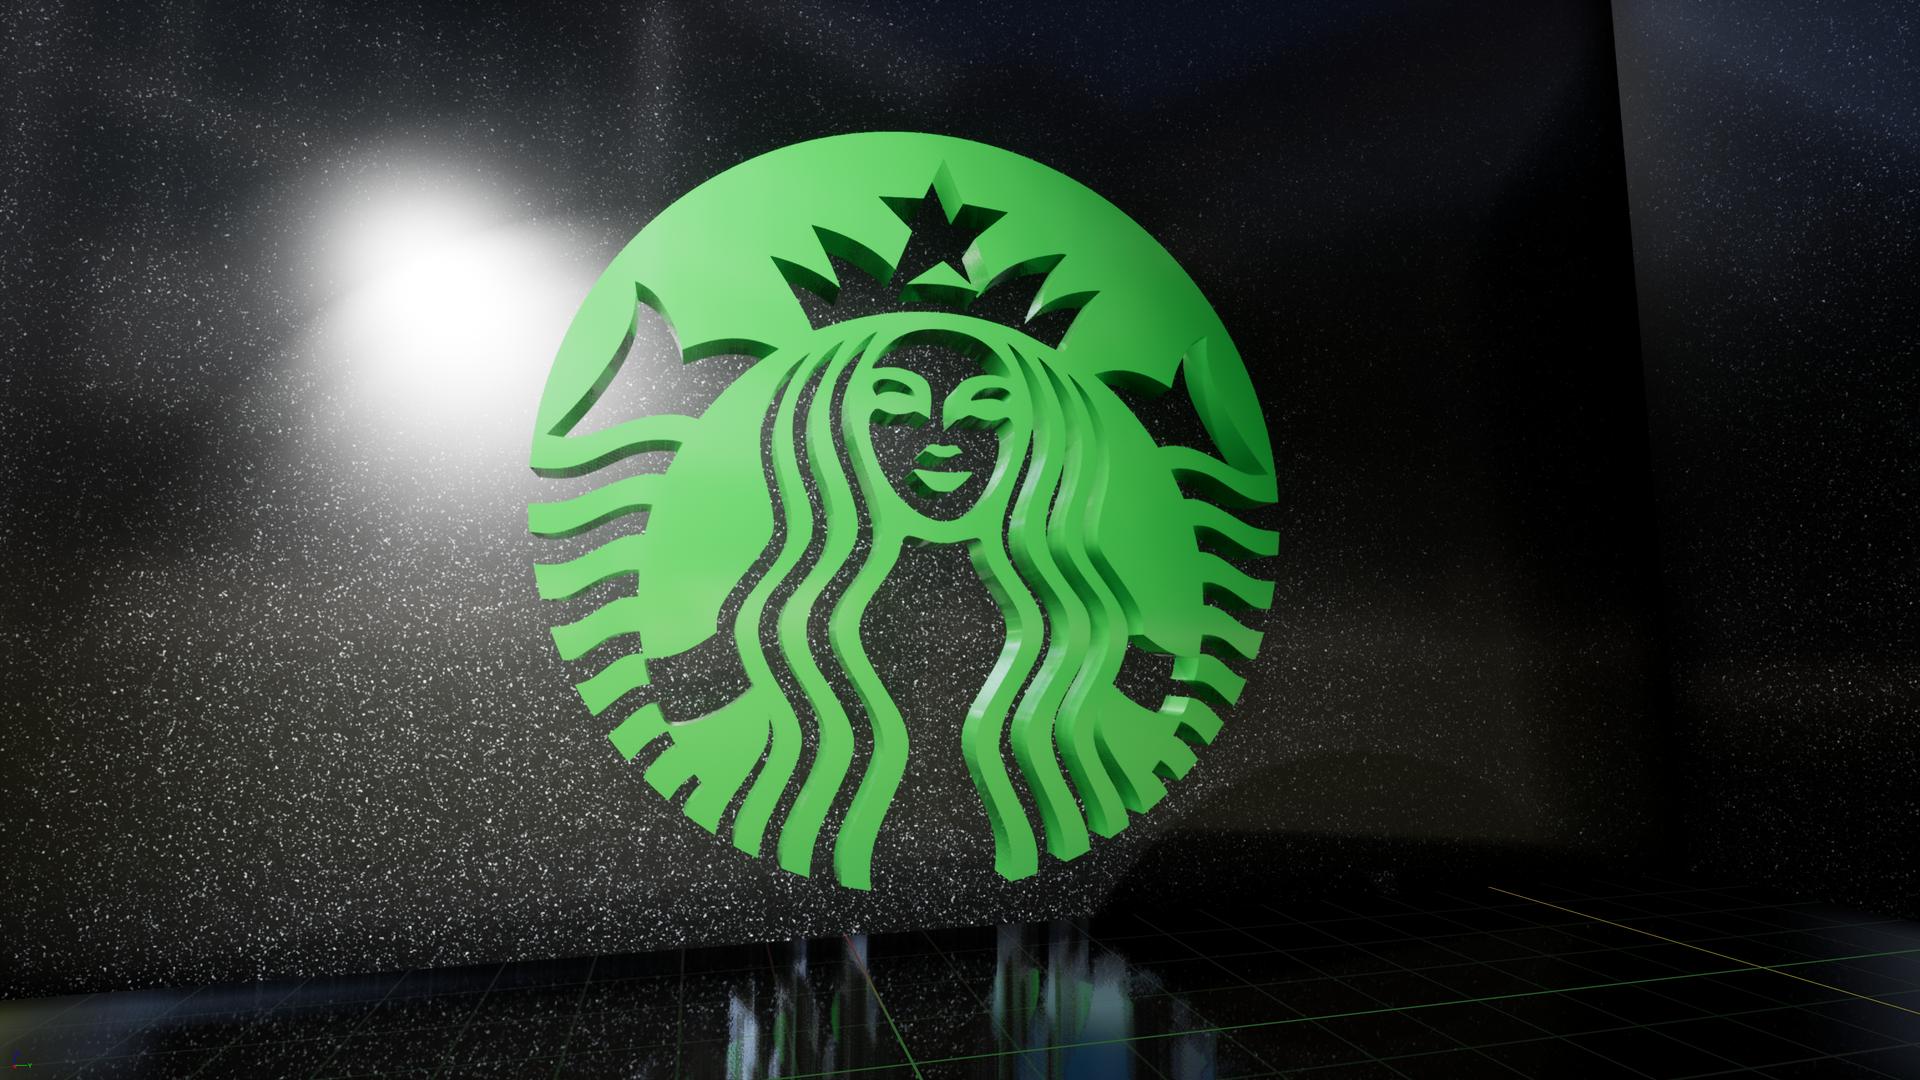 Starbucks 3D logo